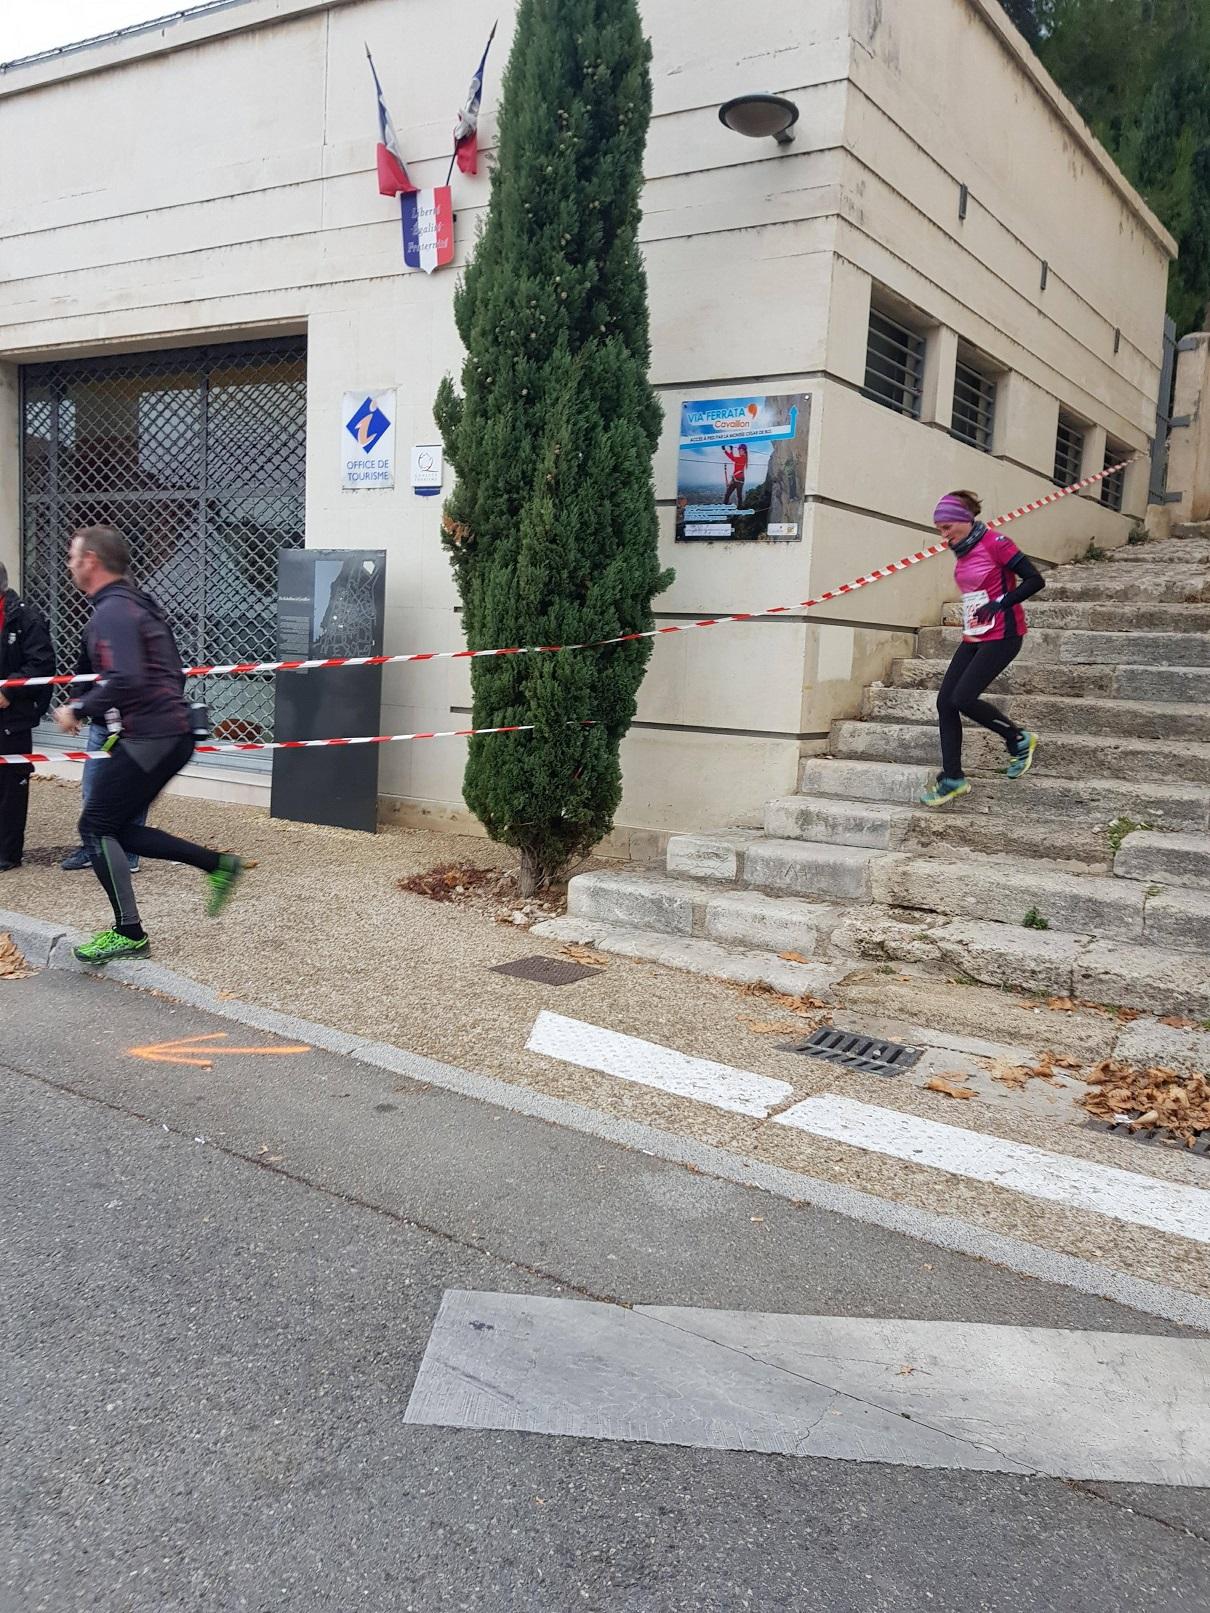 41-Petits pas de Bérengère sur les marches..